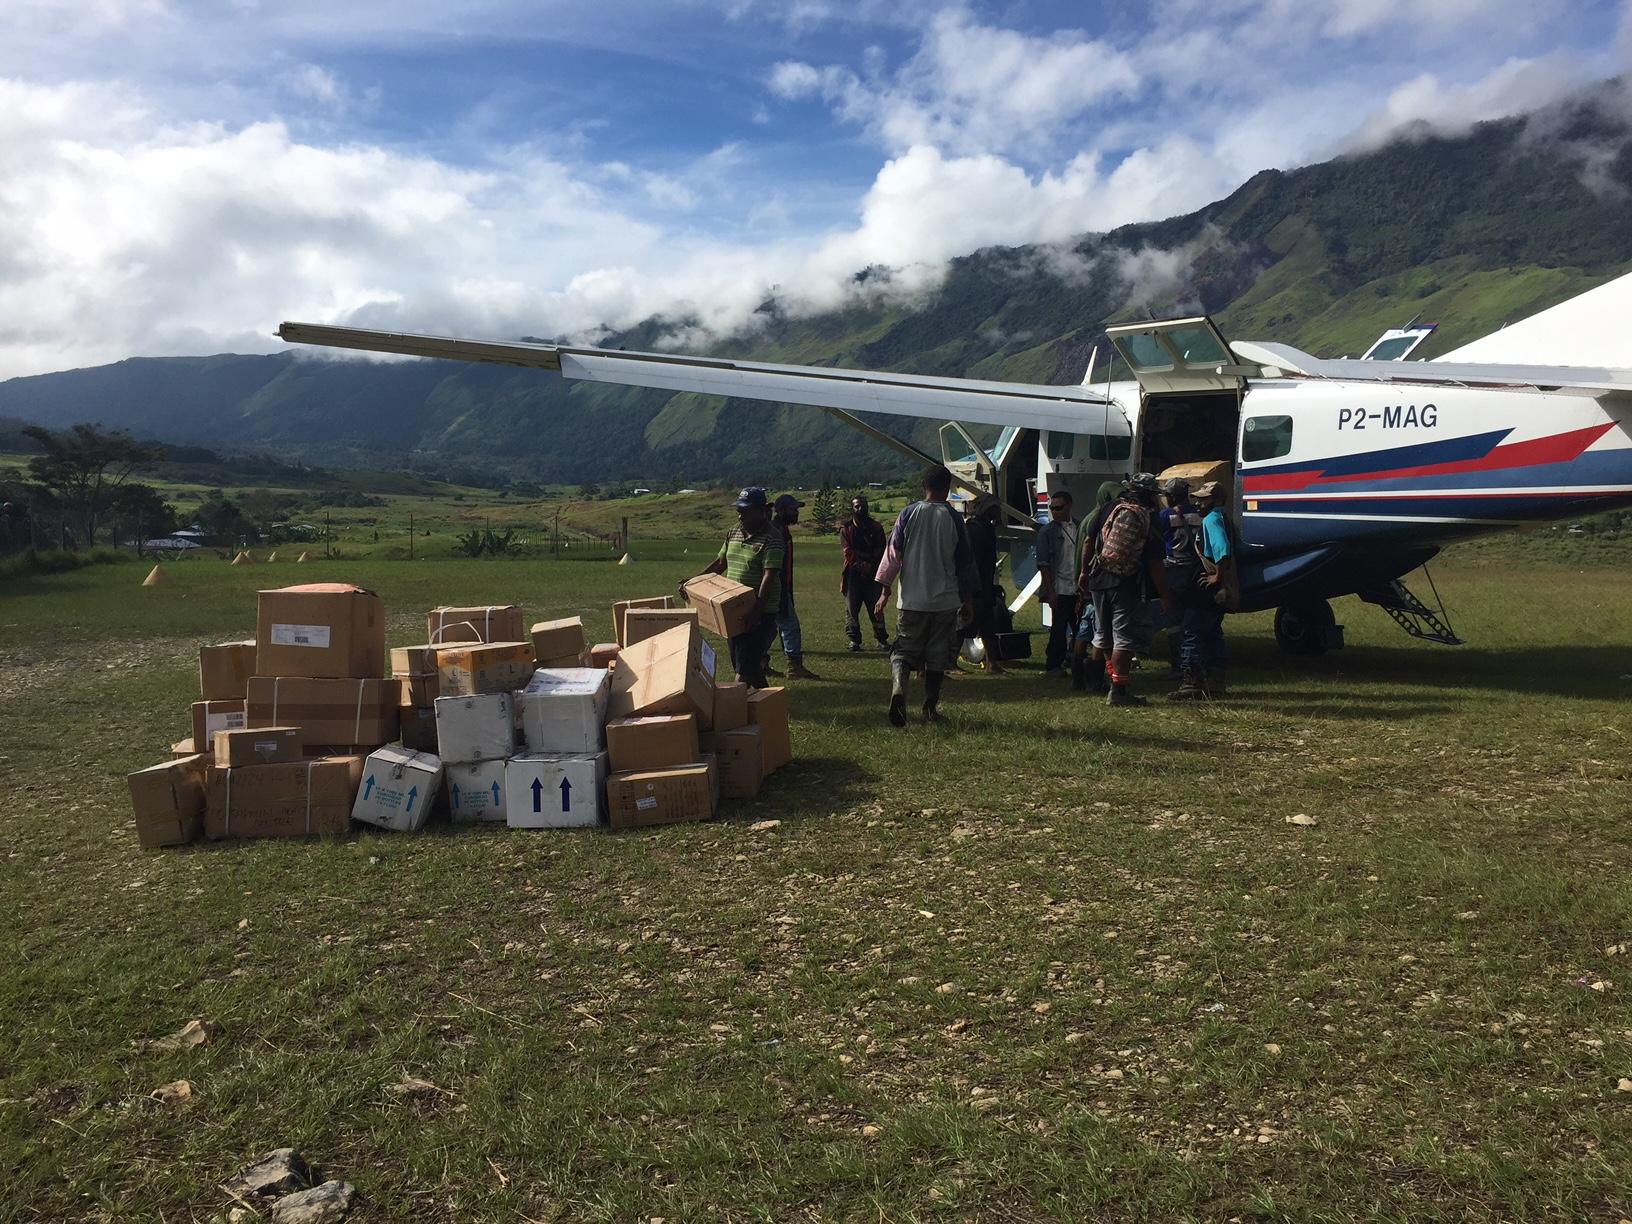 121 - Аэропорт Кегльсугль (Keglsugl) коды IATA: KEG ICAO:  город: Кегльсугль (Keglsugl) страна: Папуа - Новая Гвинея (Papua New Guinea)